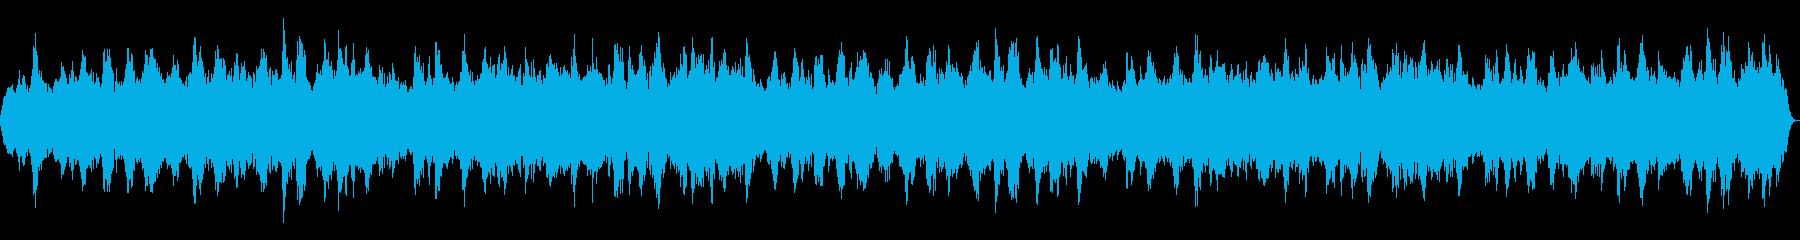 瞑想・癒し・睡眠#5高め(15分)の再生済みの波形